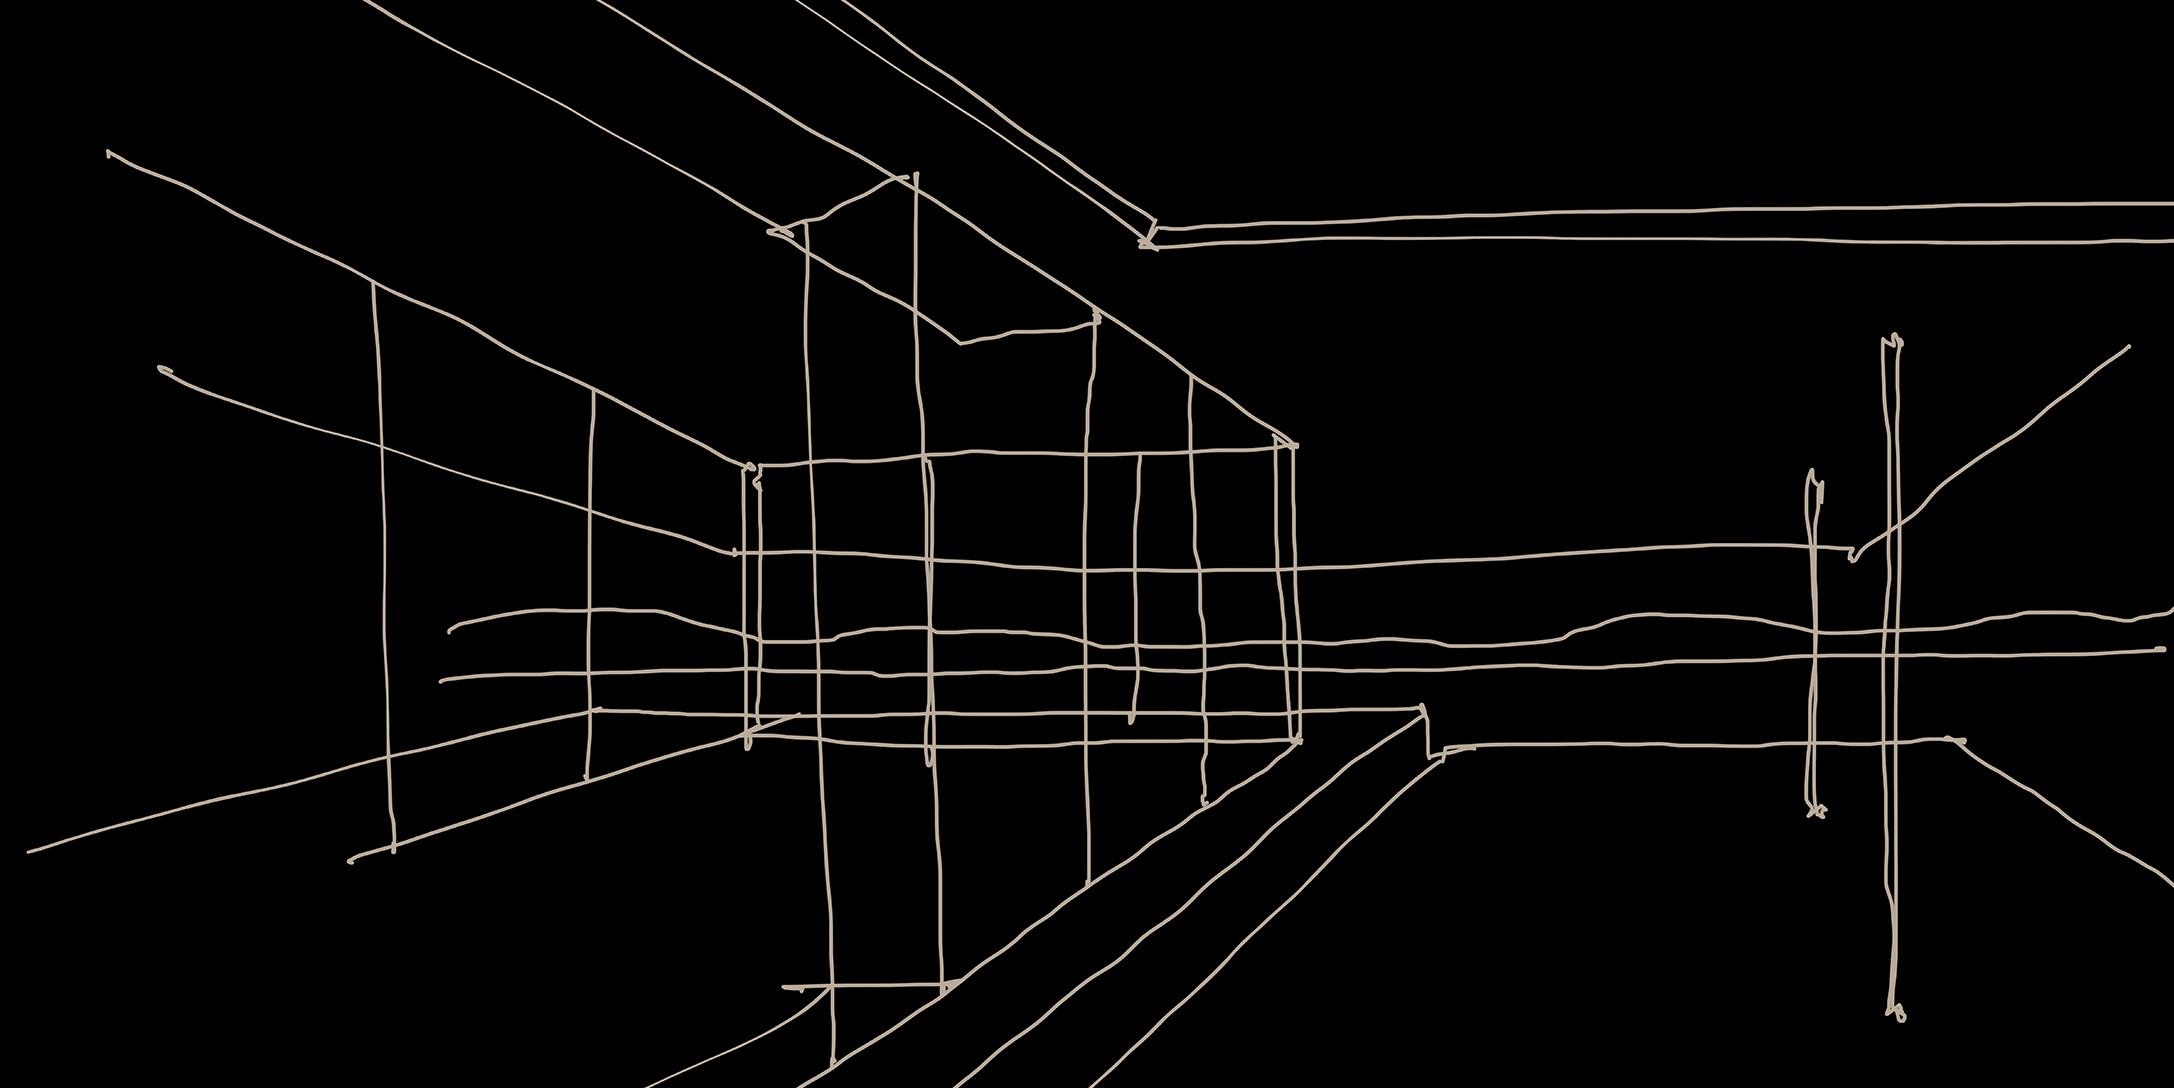 sketch+inverted.jpg